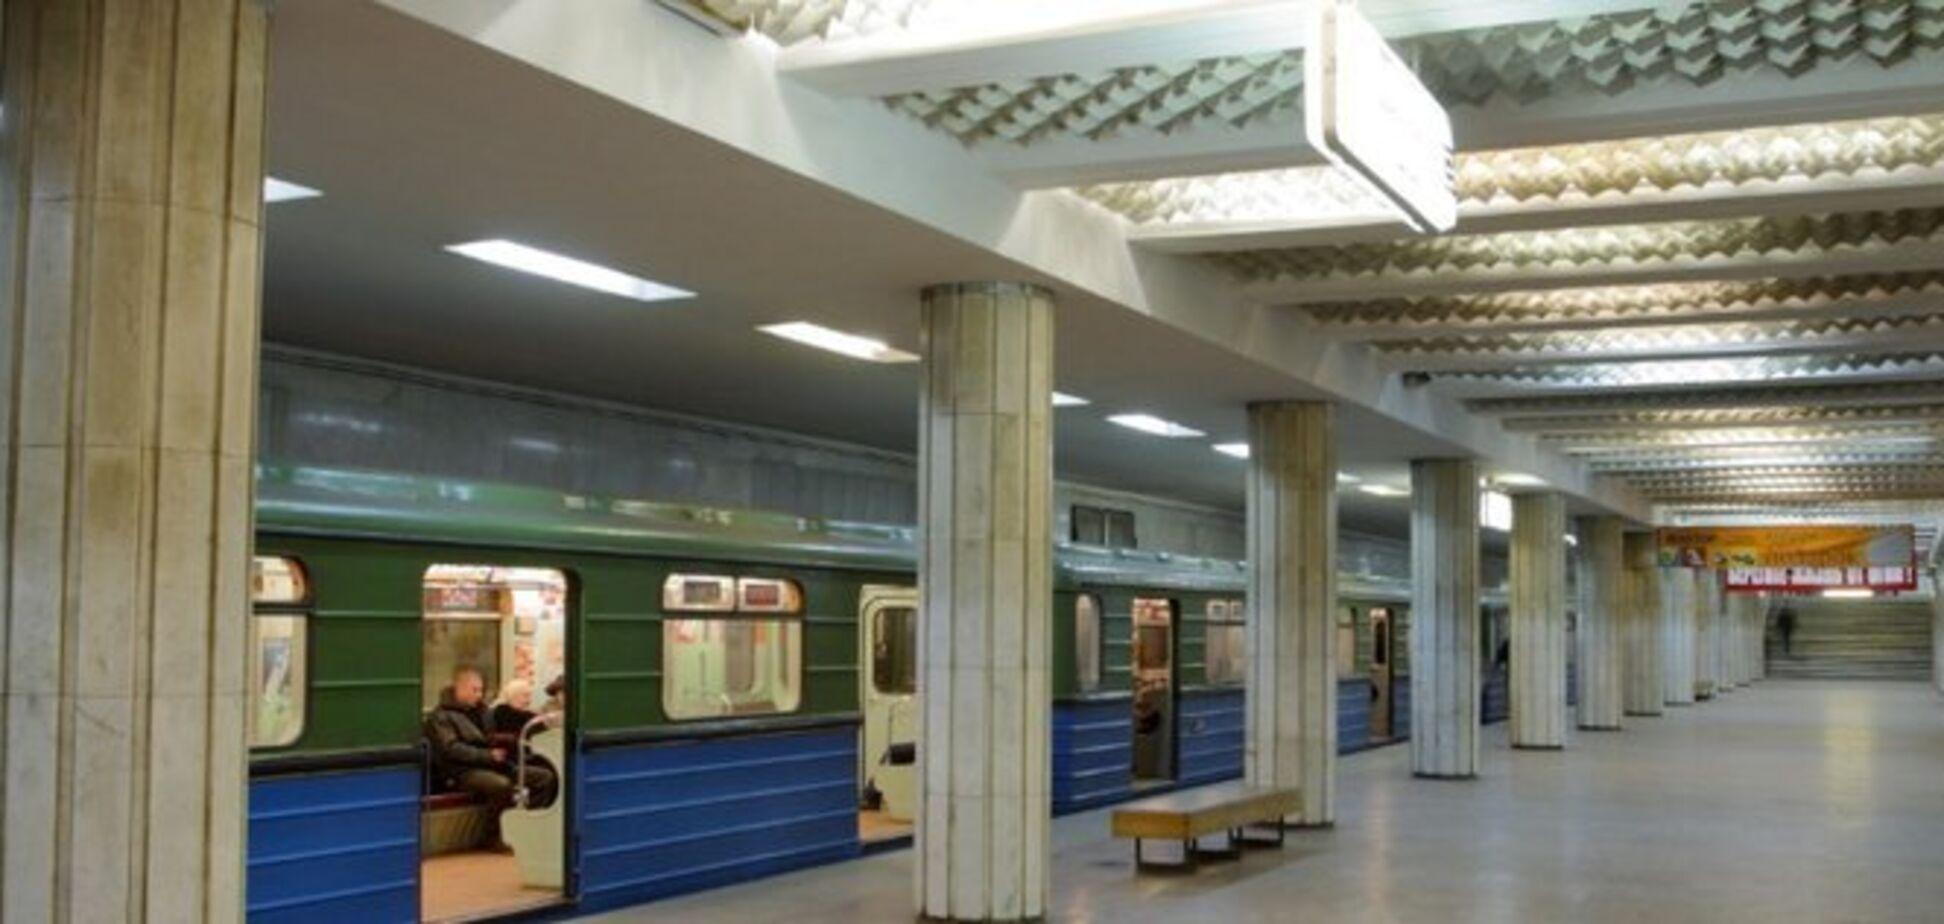 Власть в Харькове манипулирует данными ради повышения цен на проезд в метро, – Полупанов